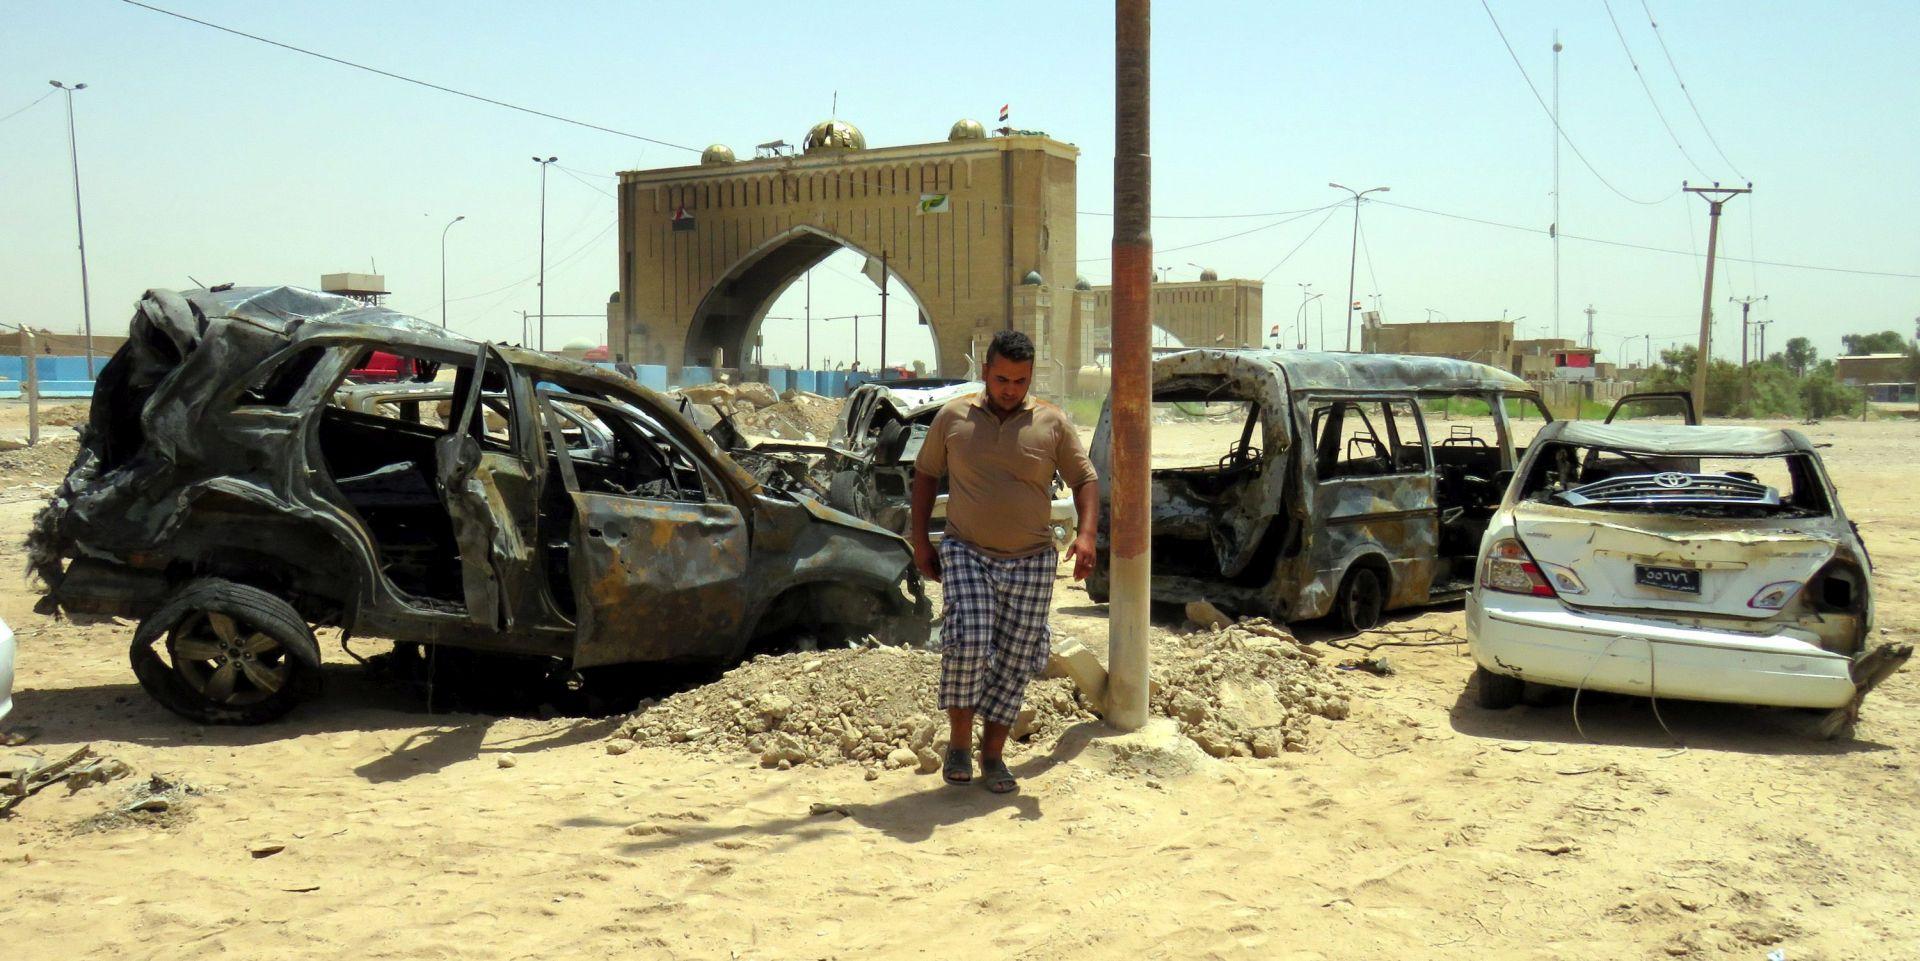 EKSPLOZIJA AUTOBOMBE U IRAKU Poginulo najmanje 17 ljudi, očekuje se rast broja žrtava